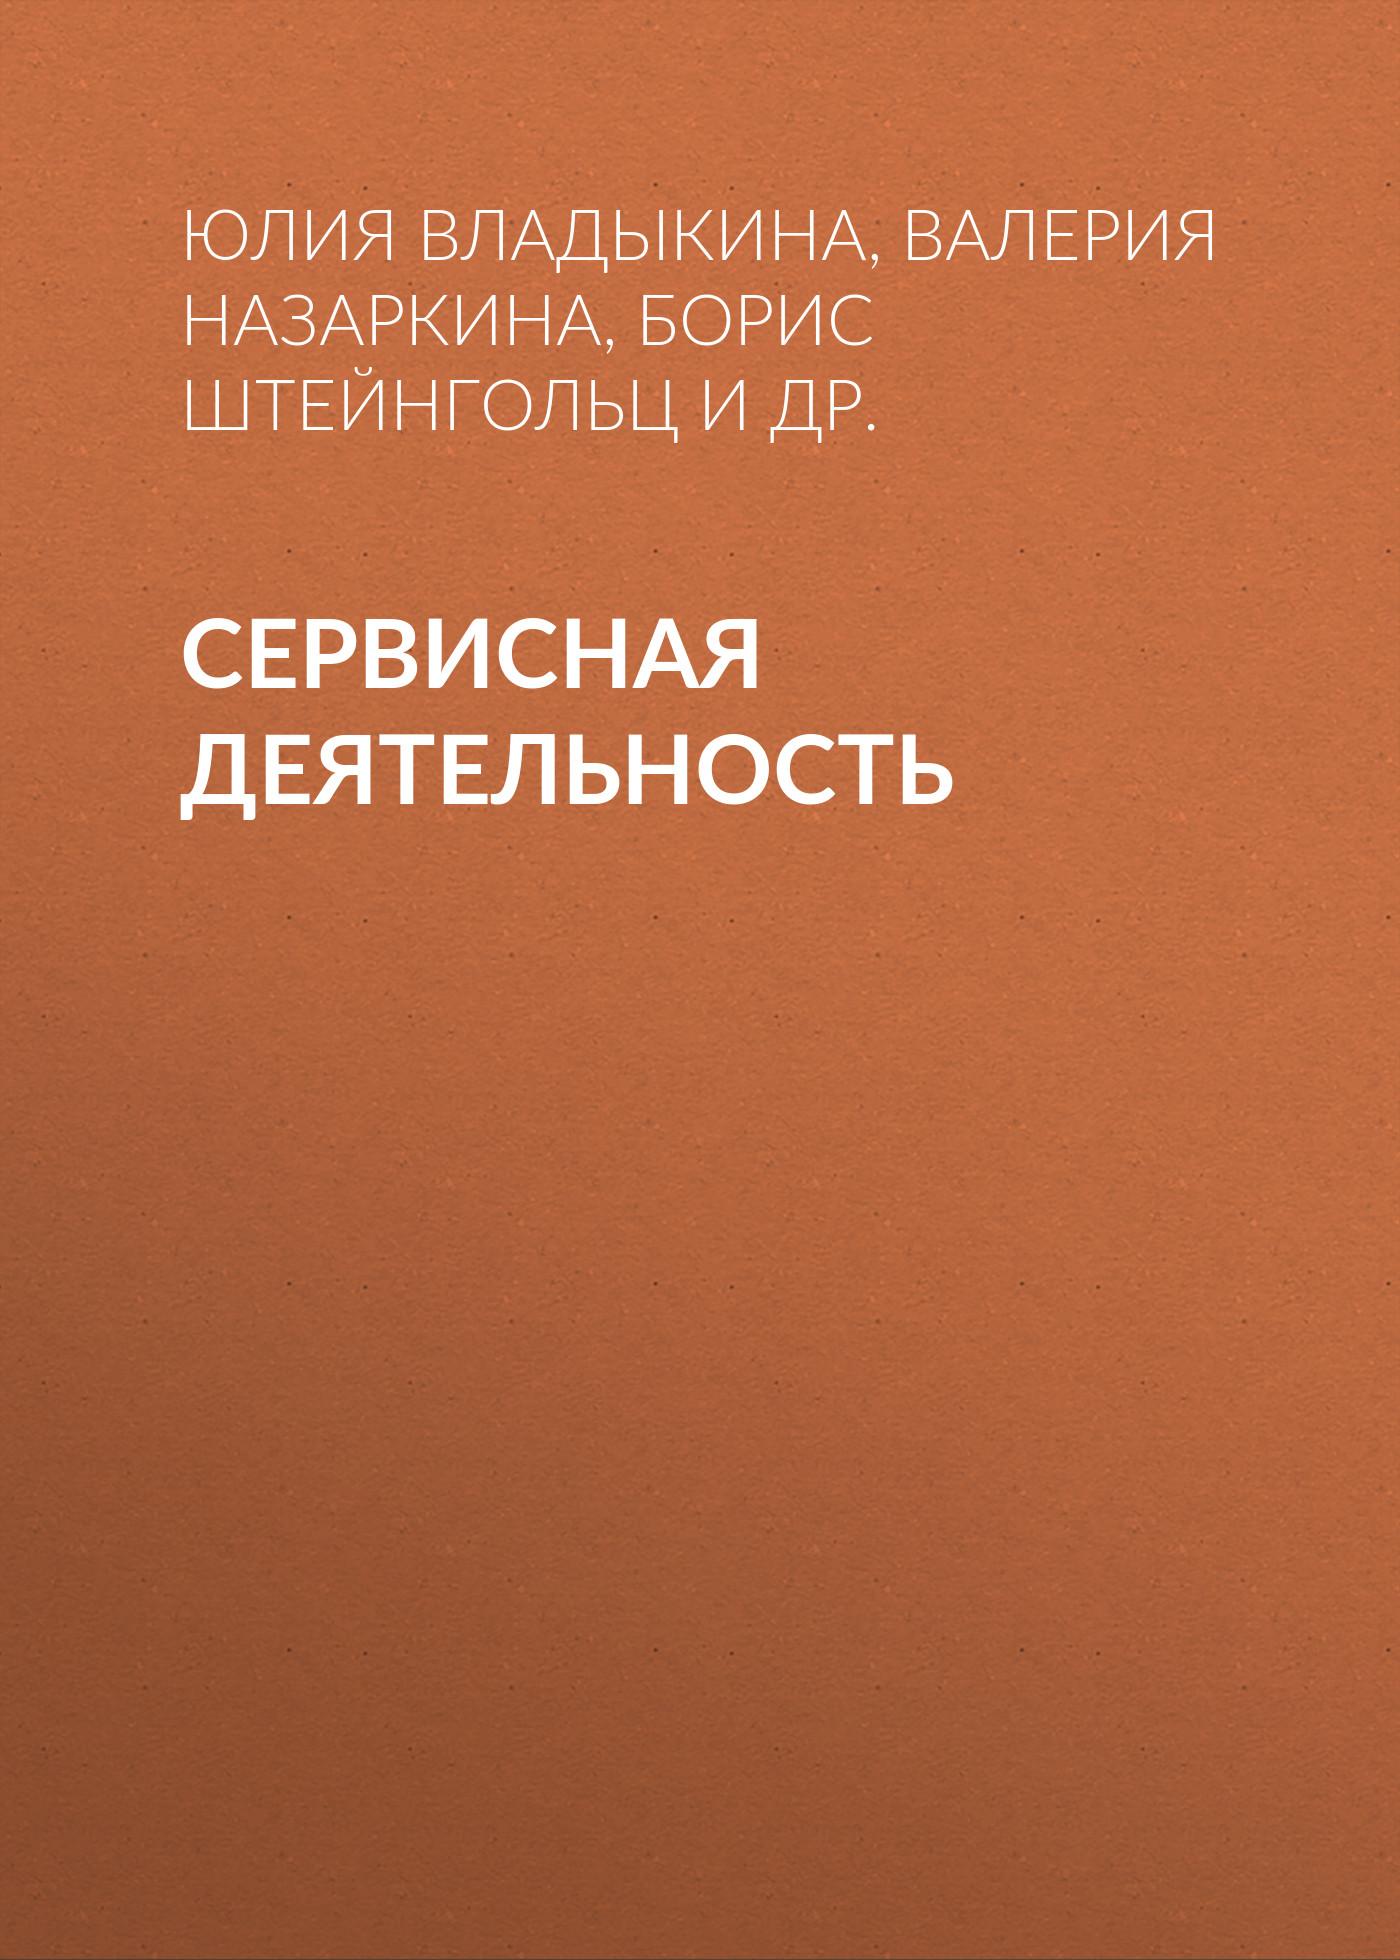 Юлия Владыкина Сервисная деятельность в м пищулов менеджмент в сервисе и туризме учебное пособие